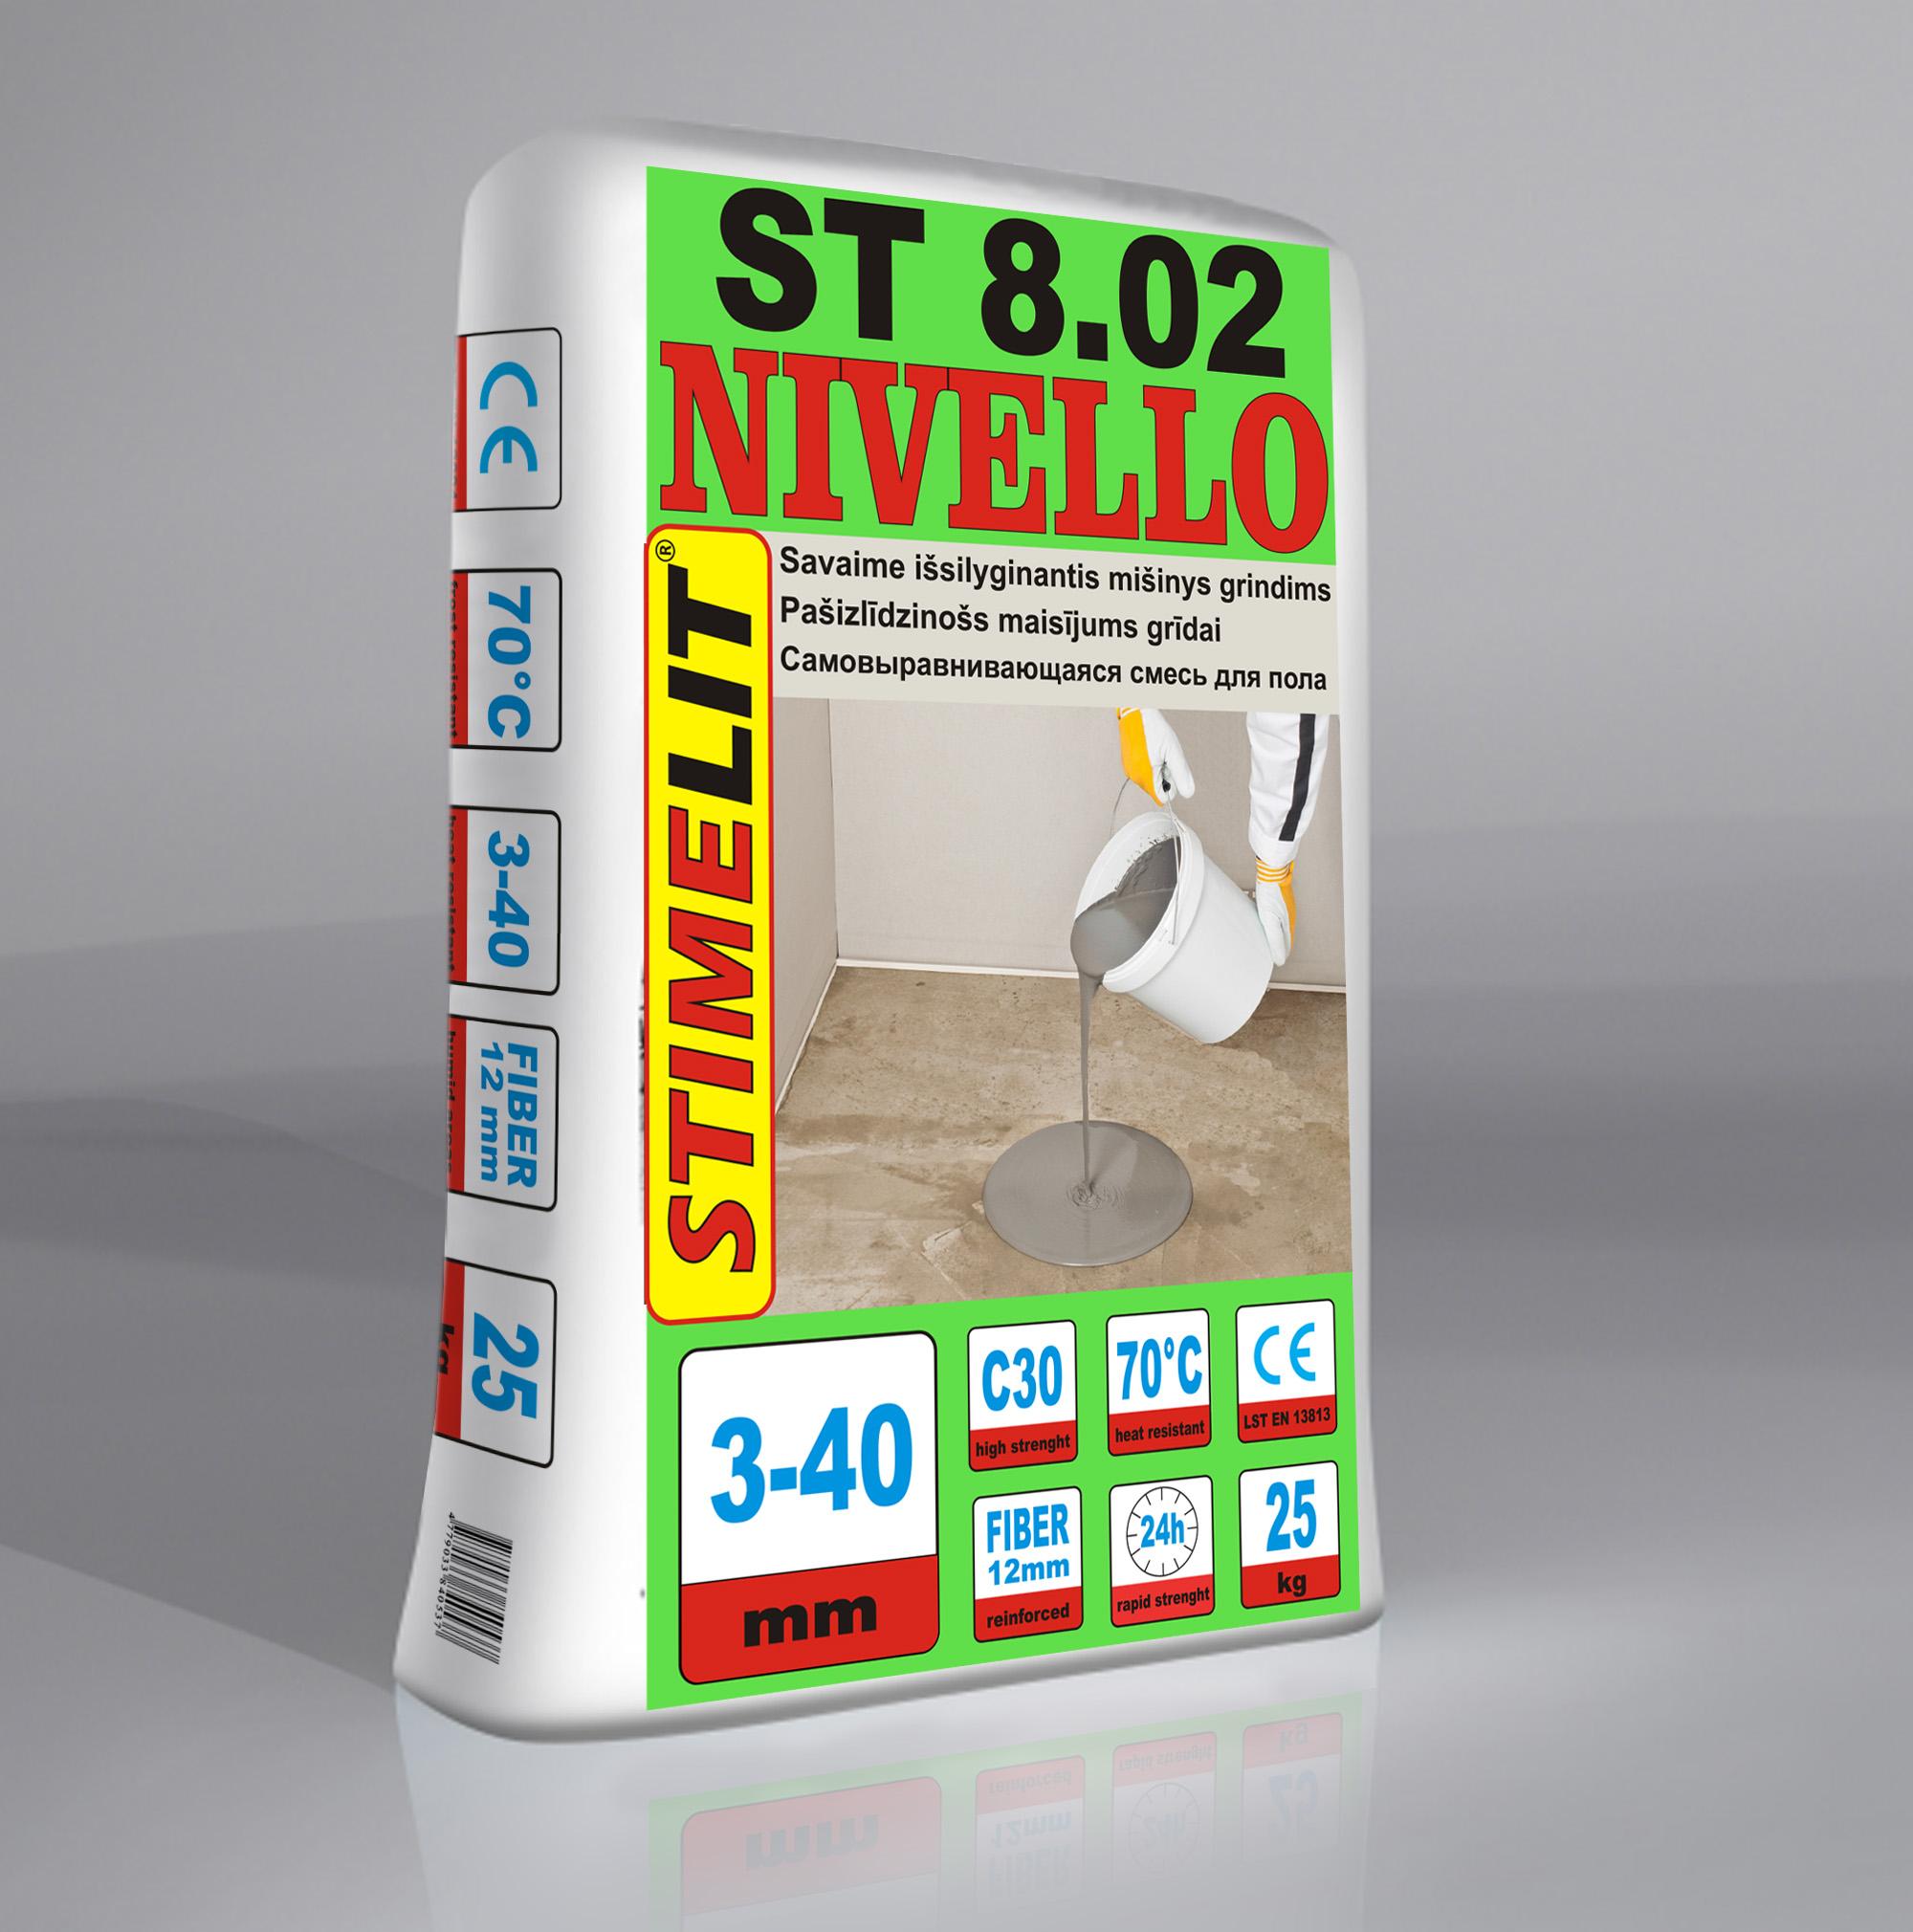 ST8.02 NIVELLO Savaime išsilyginantis grindų mišinys 3-40mm